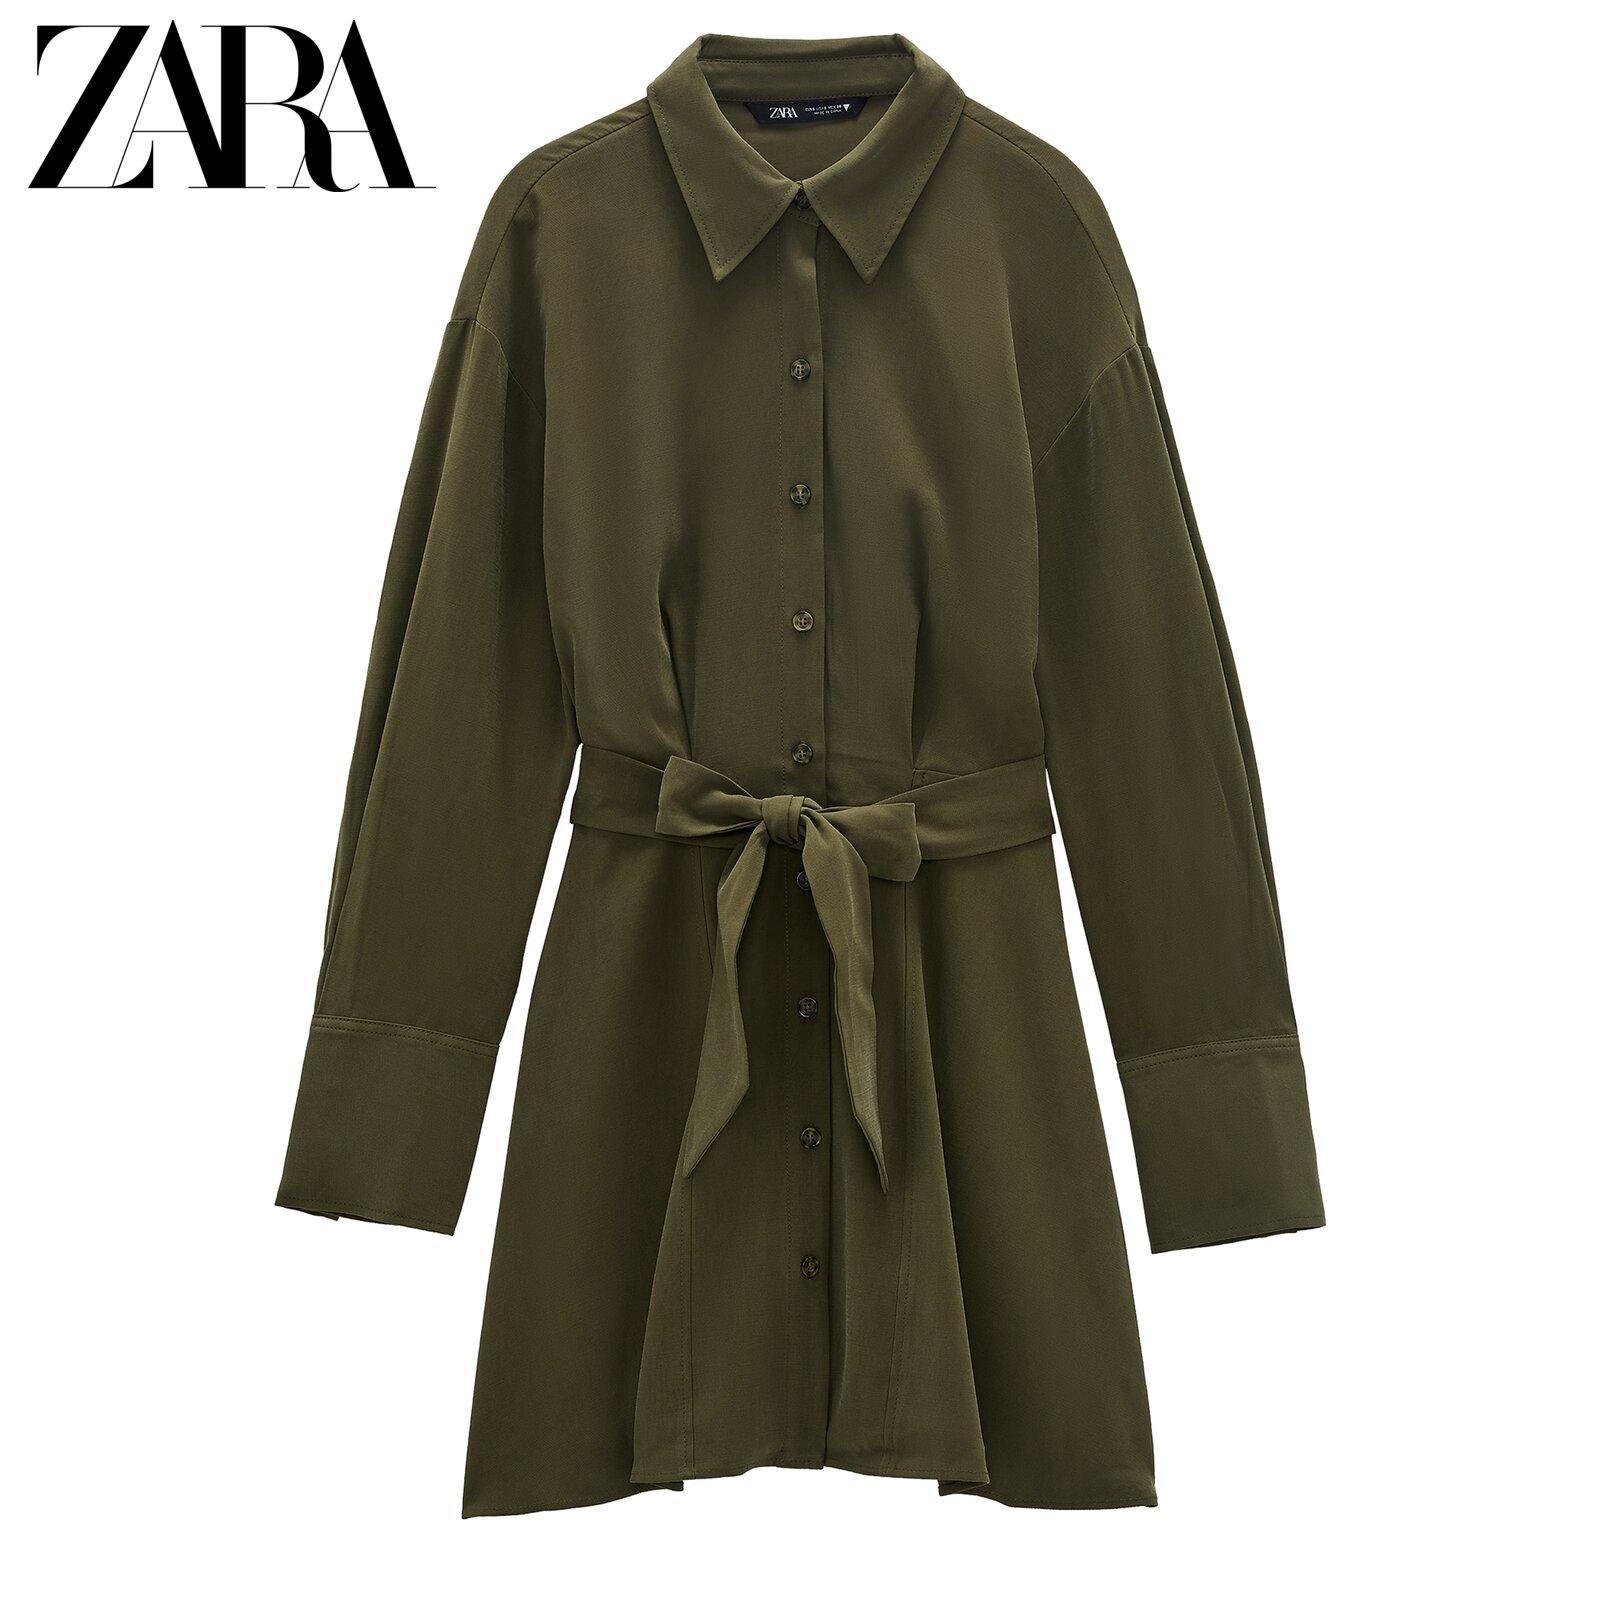 해외 ZARA 새로운 TRF 여성용 셔츠 드레스 벨트-16211